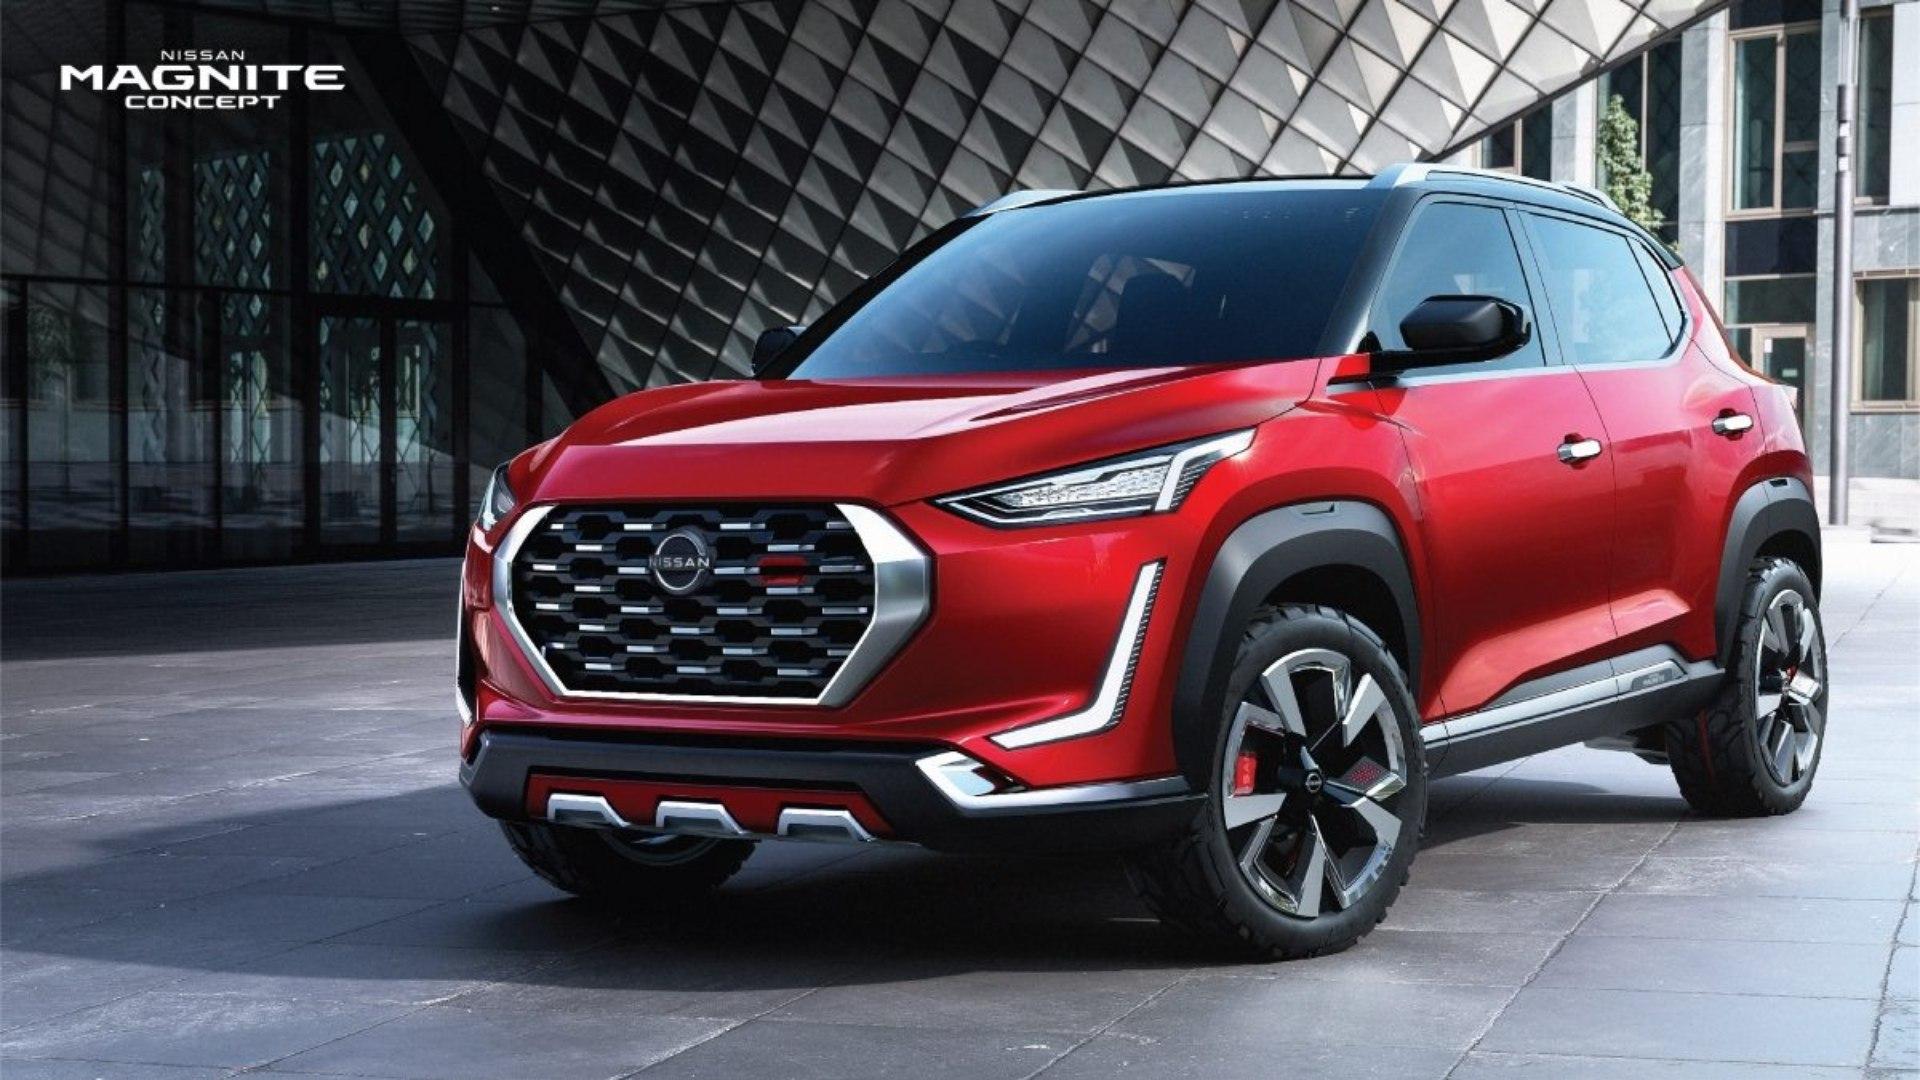 Nissan terá 4 estreias até o fim de 2021: Versa, Sentra, Kicks e Magnite